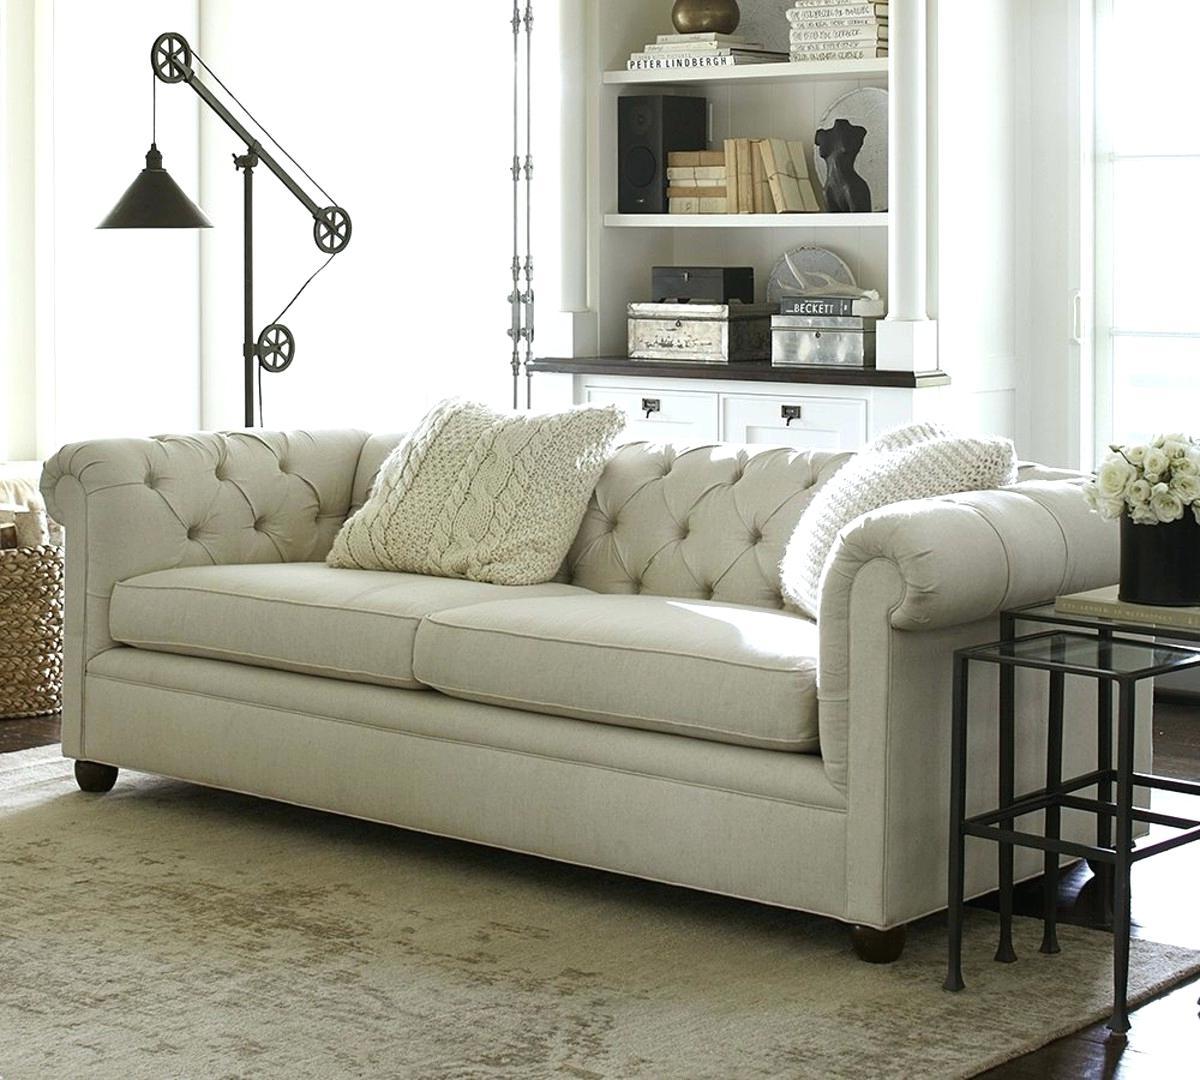 Deep Cushion Sofas